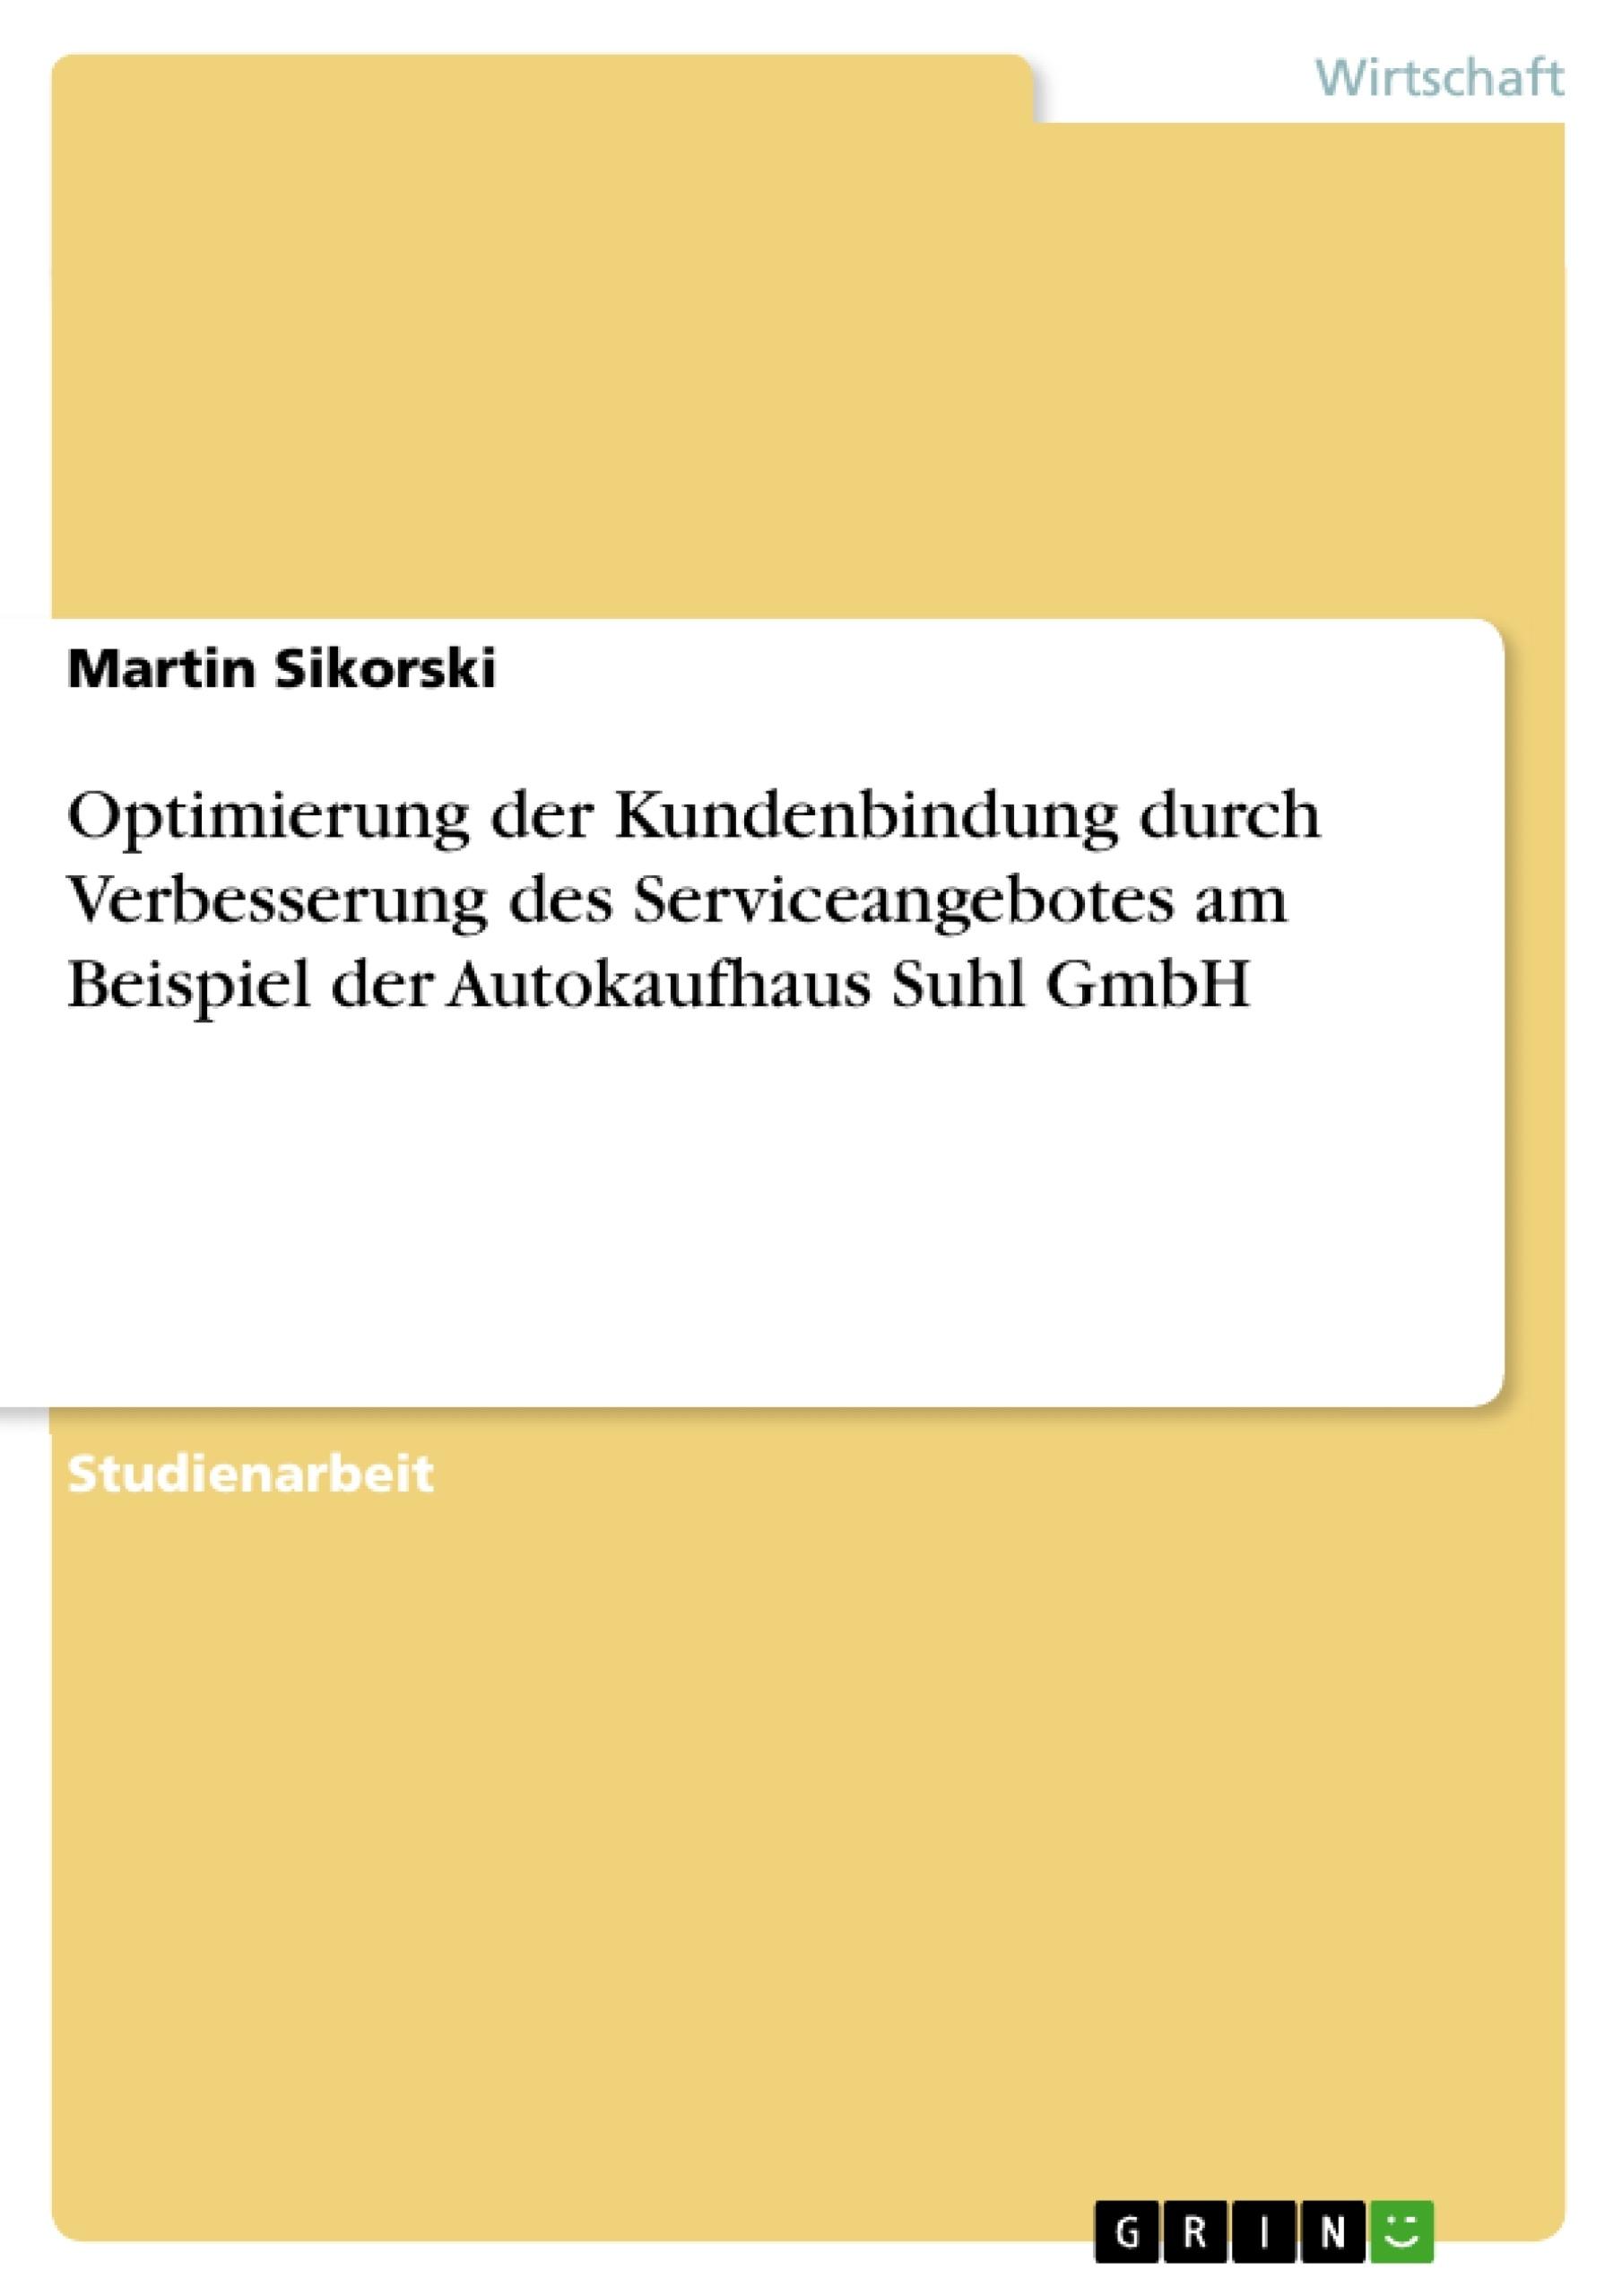 Titel: Optimierung der Kundenbindung durch Verbesserung des Serviceangebotes am Beispiel der Autokaufhaus Suhl GmbH